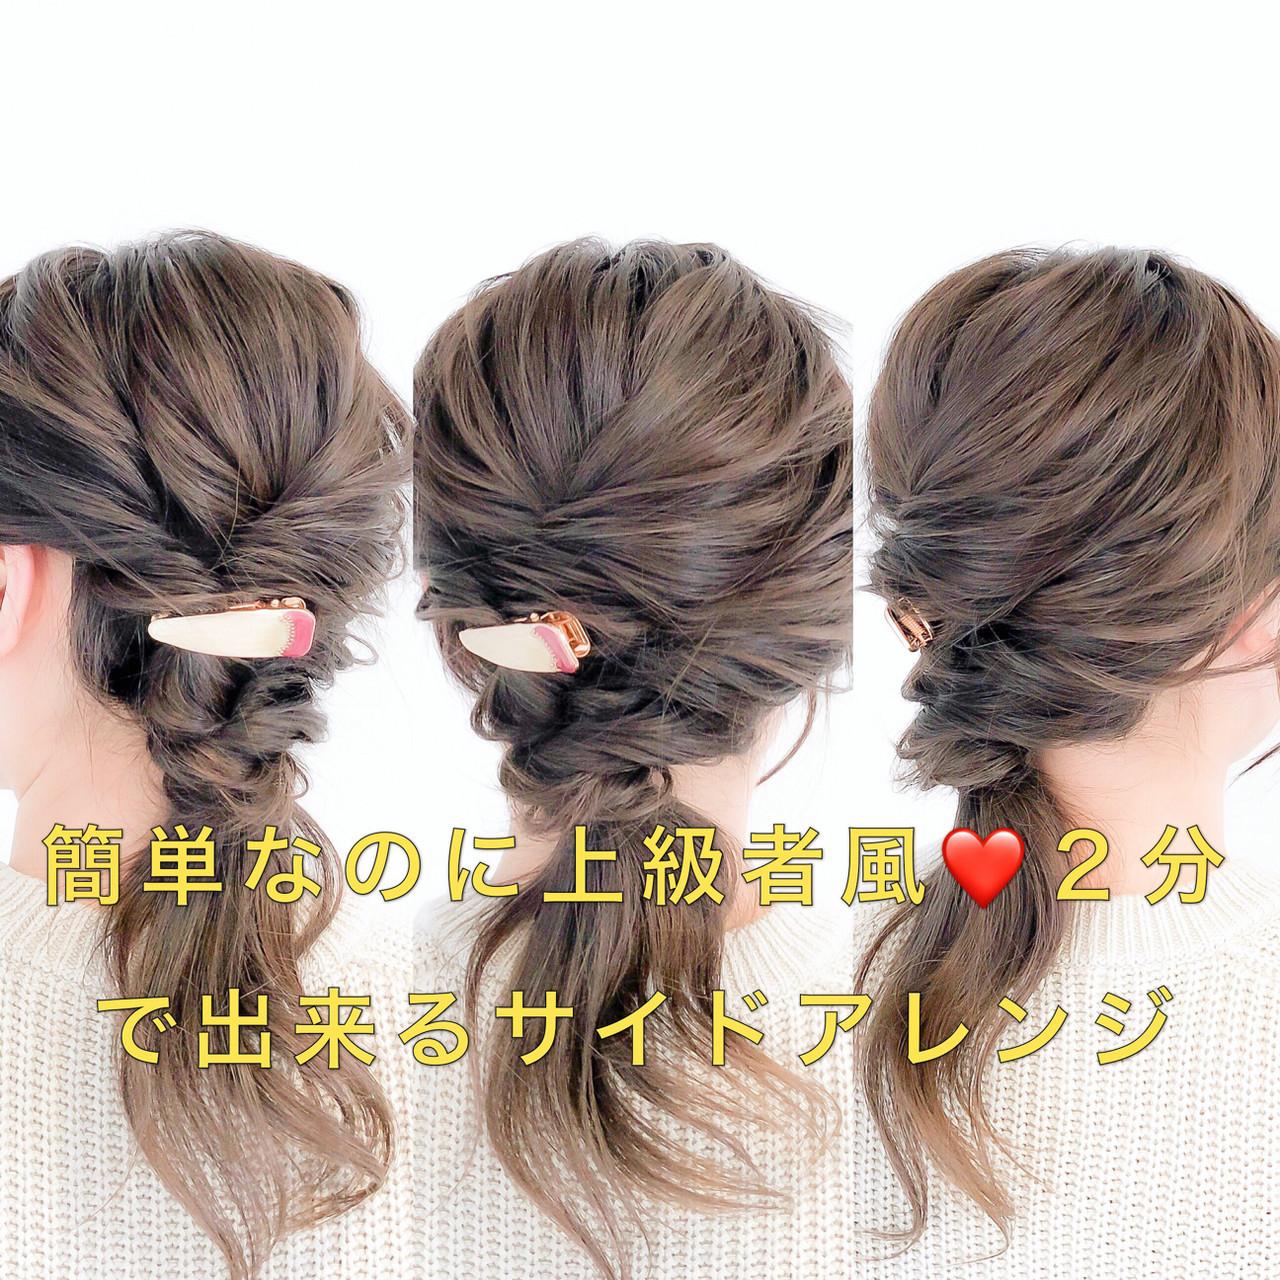 編み込みみたいな立体感!くるりんぱの応用テクニック 美容師HIRO/Amoute代表Amoute/アムティ